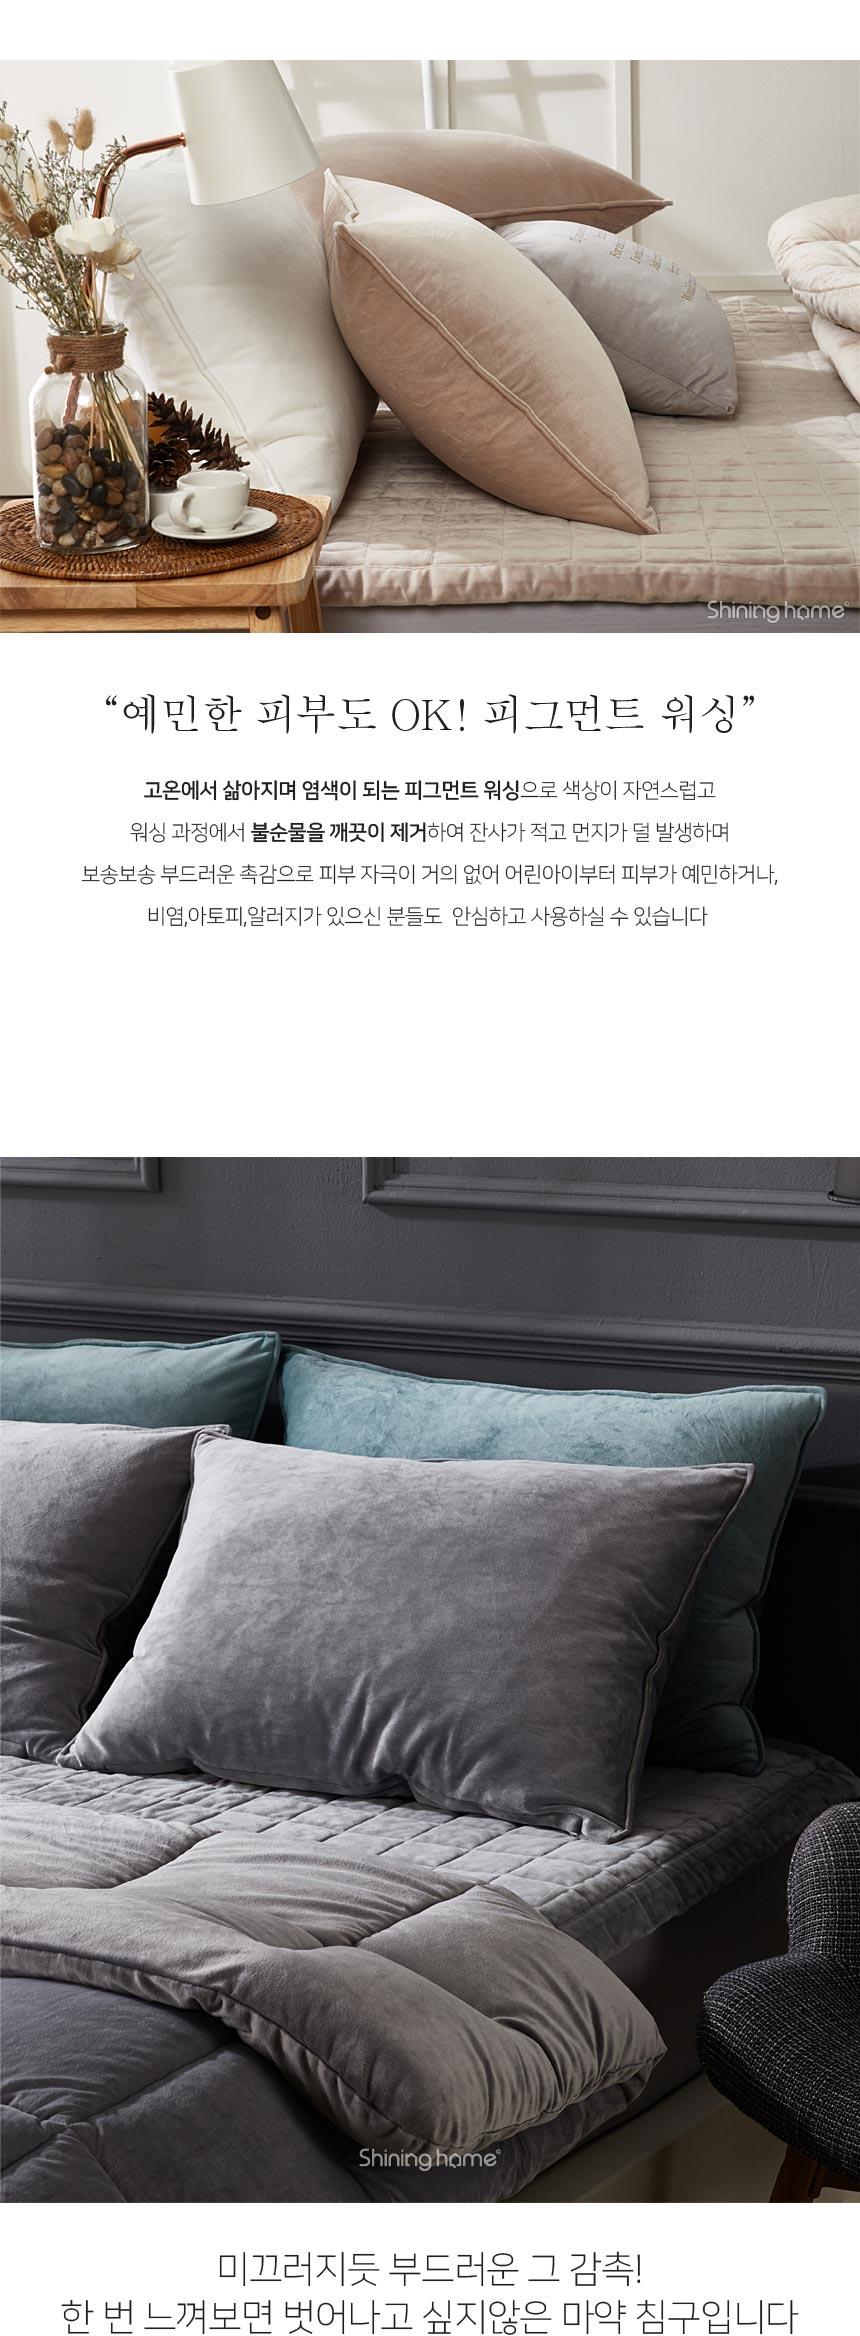 샤르르 앨런 워싱벨로아 베개(솜포함) 50x70 - 샤이닝홈, 23,900원, 베개, 일반 베개